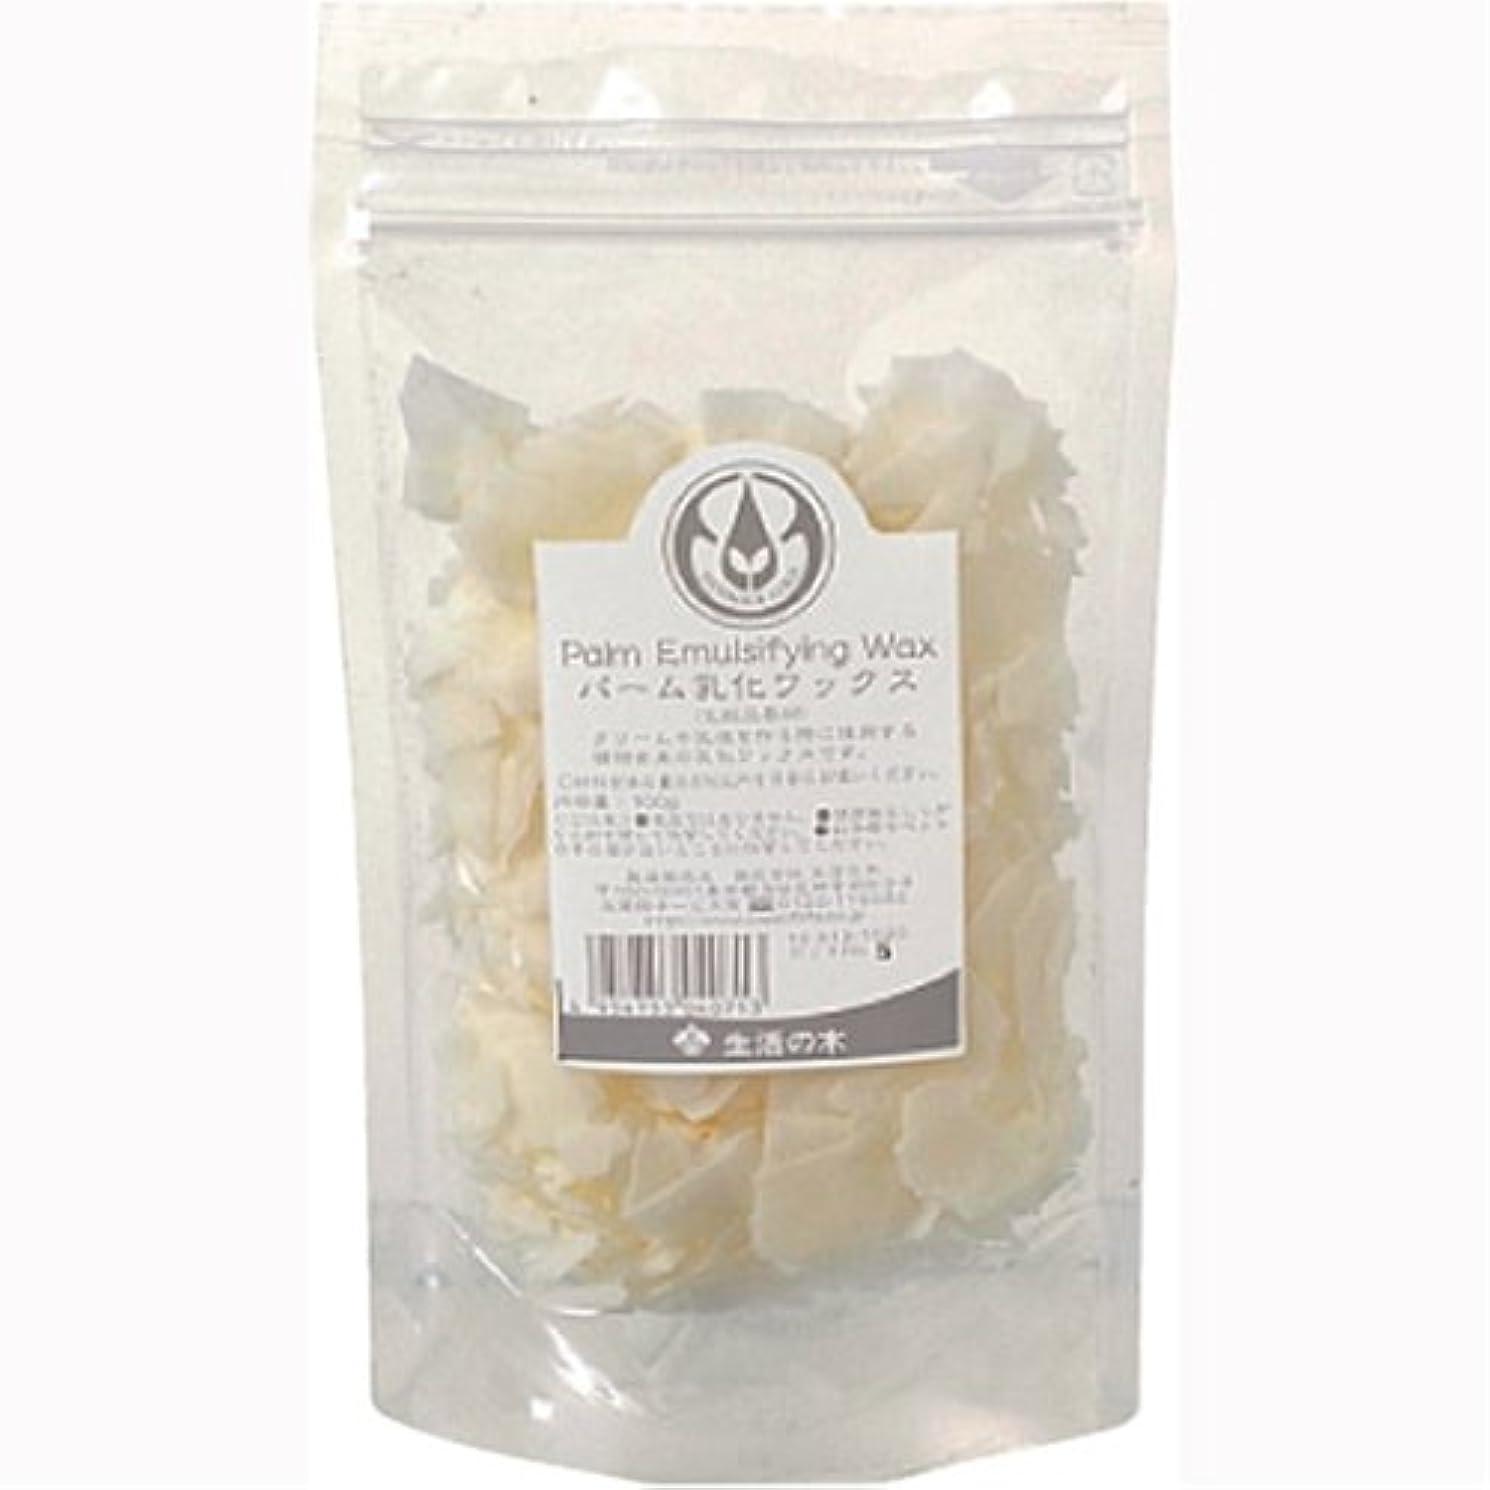 売るカウボーイトースト生活の木 パーム 乳化ワックス 100g